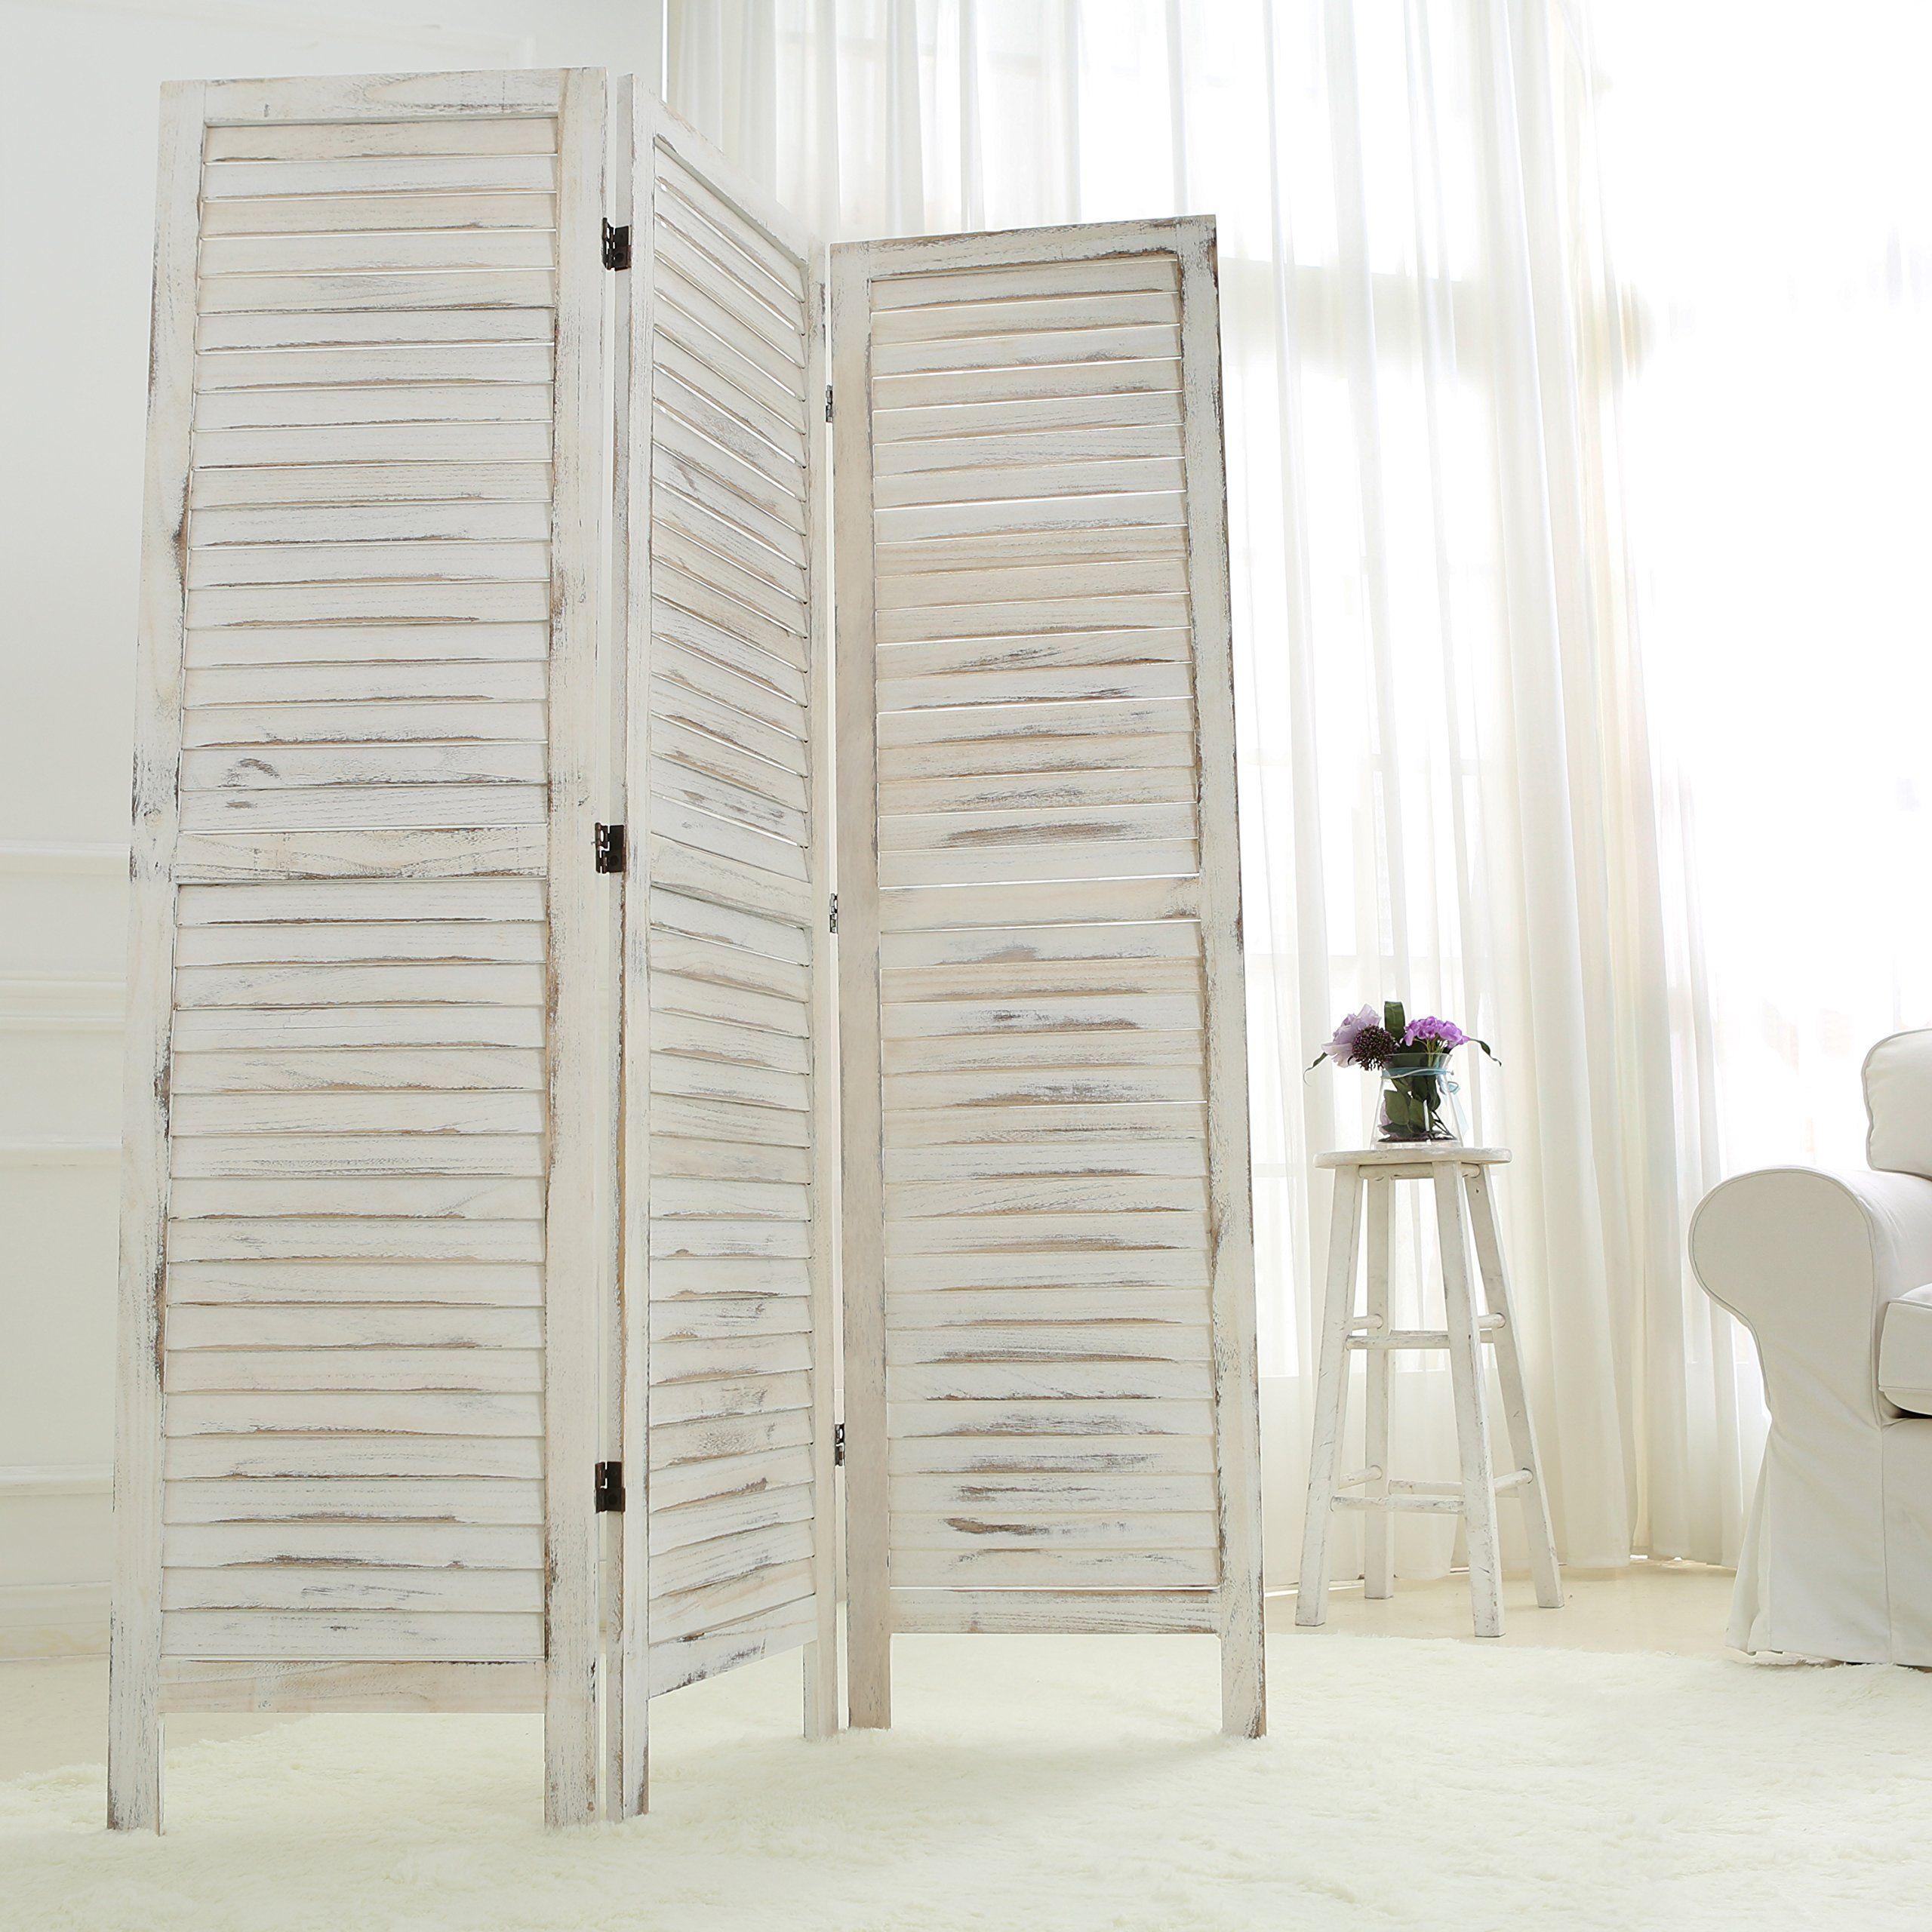 Mygift whitewashed wood 3 panel screen folding louvered